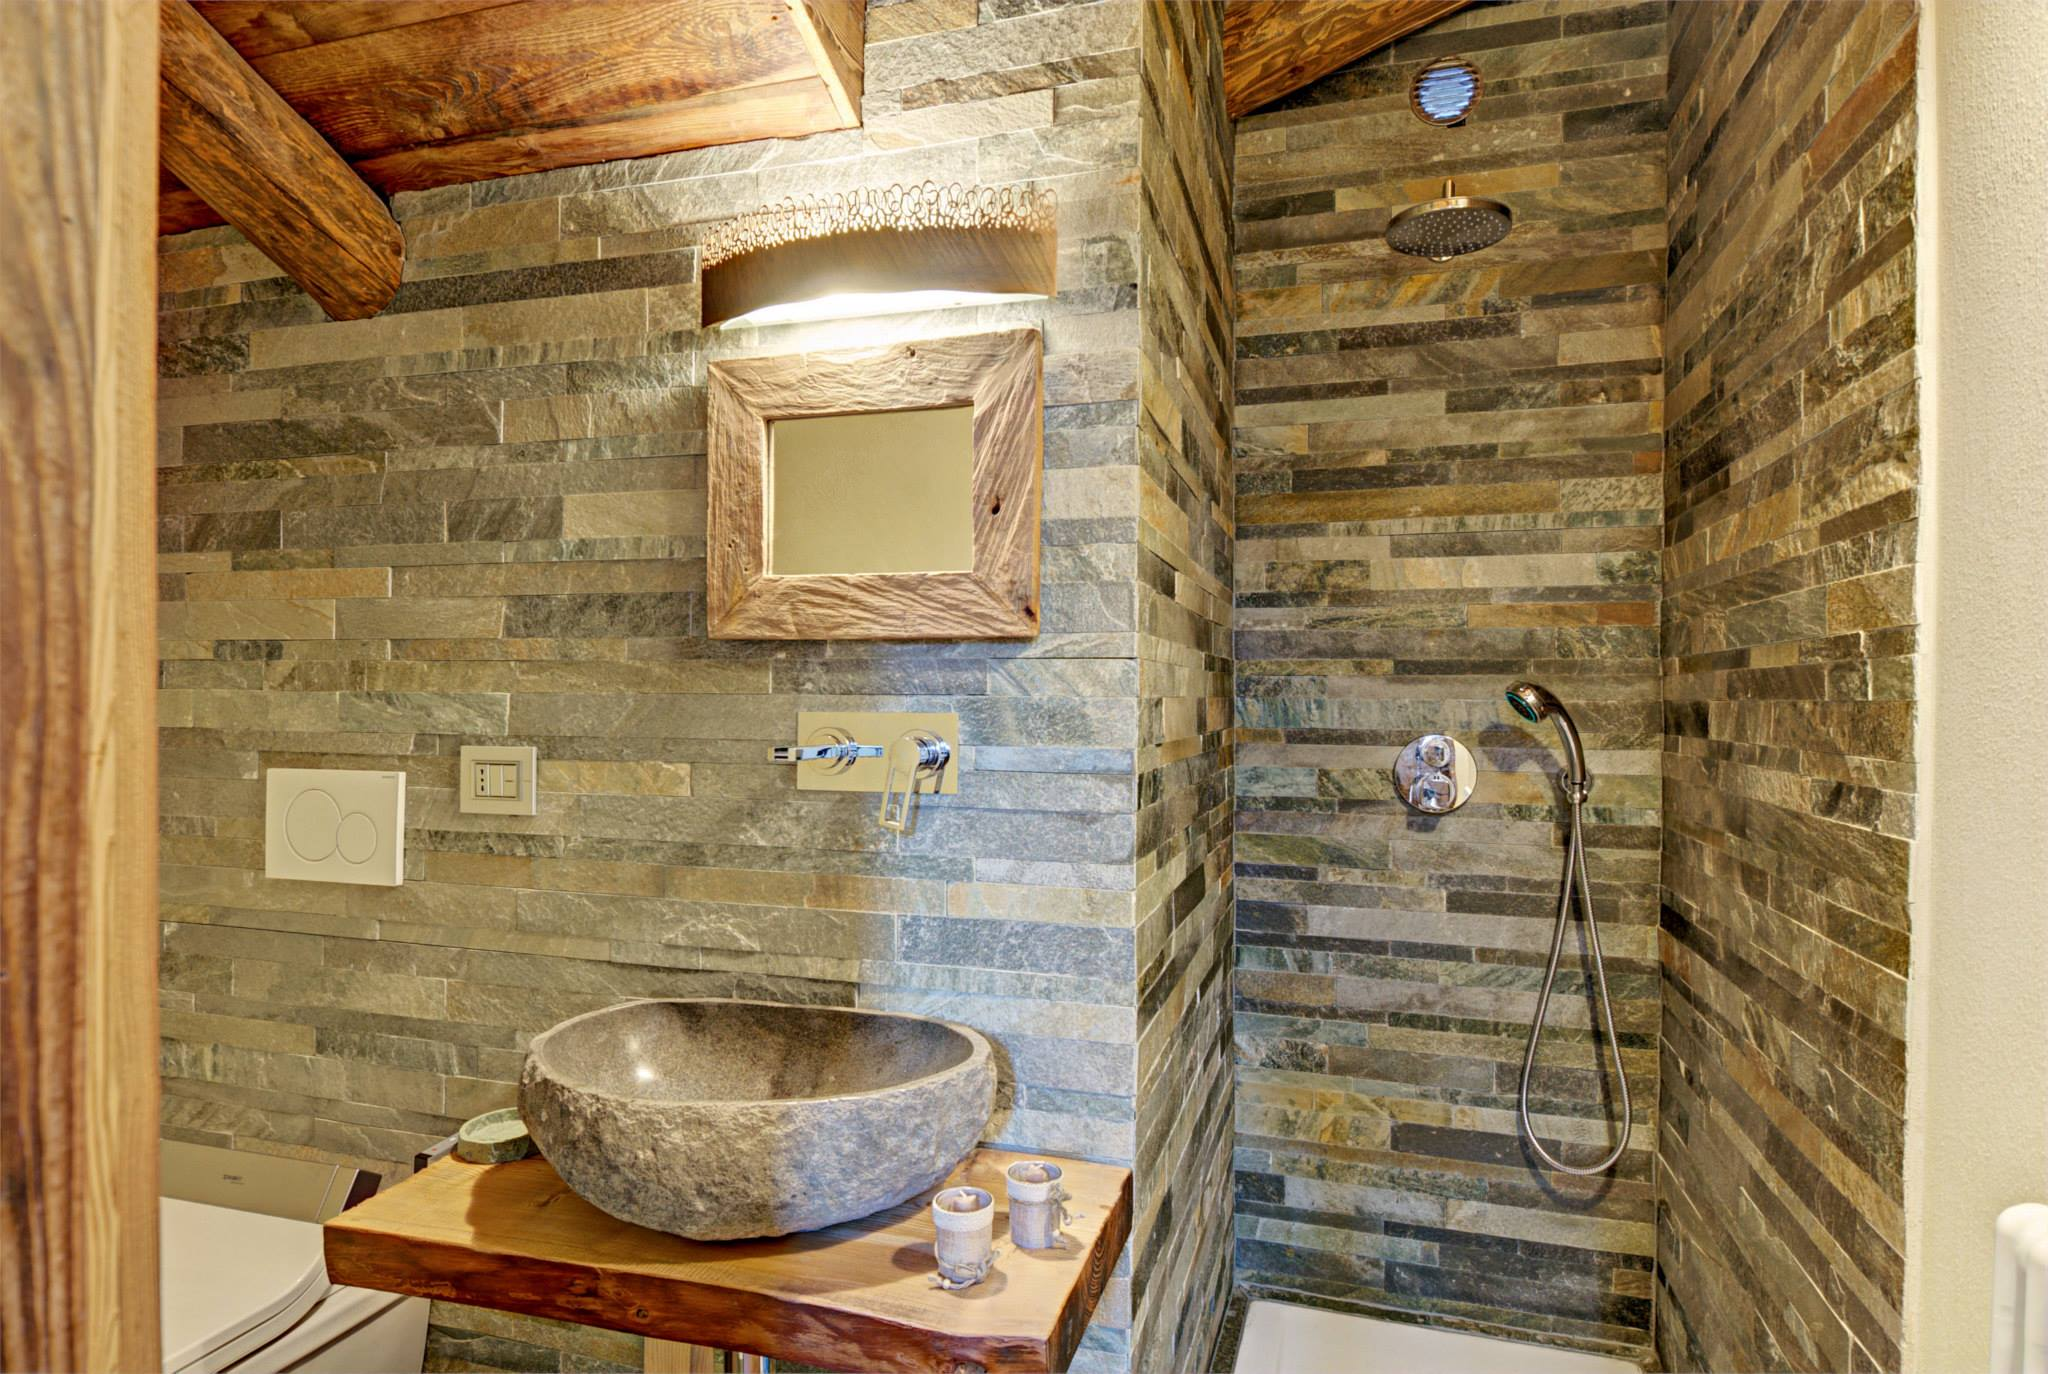 Baños Rusticos Disenos:Diseño de interiores rústico uso de madera y piedra